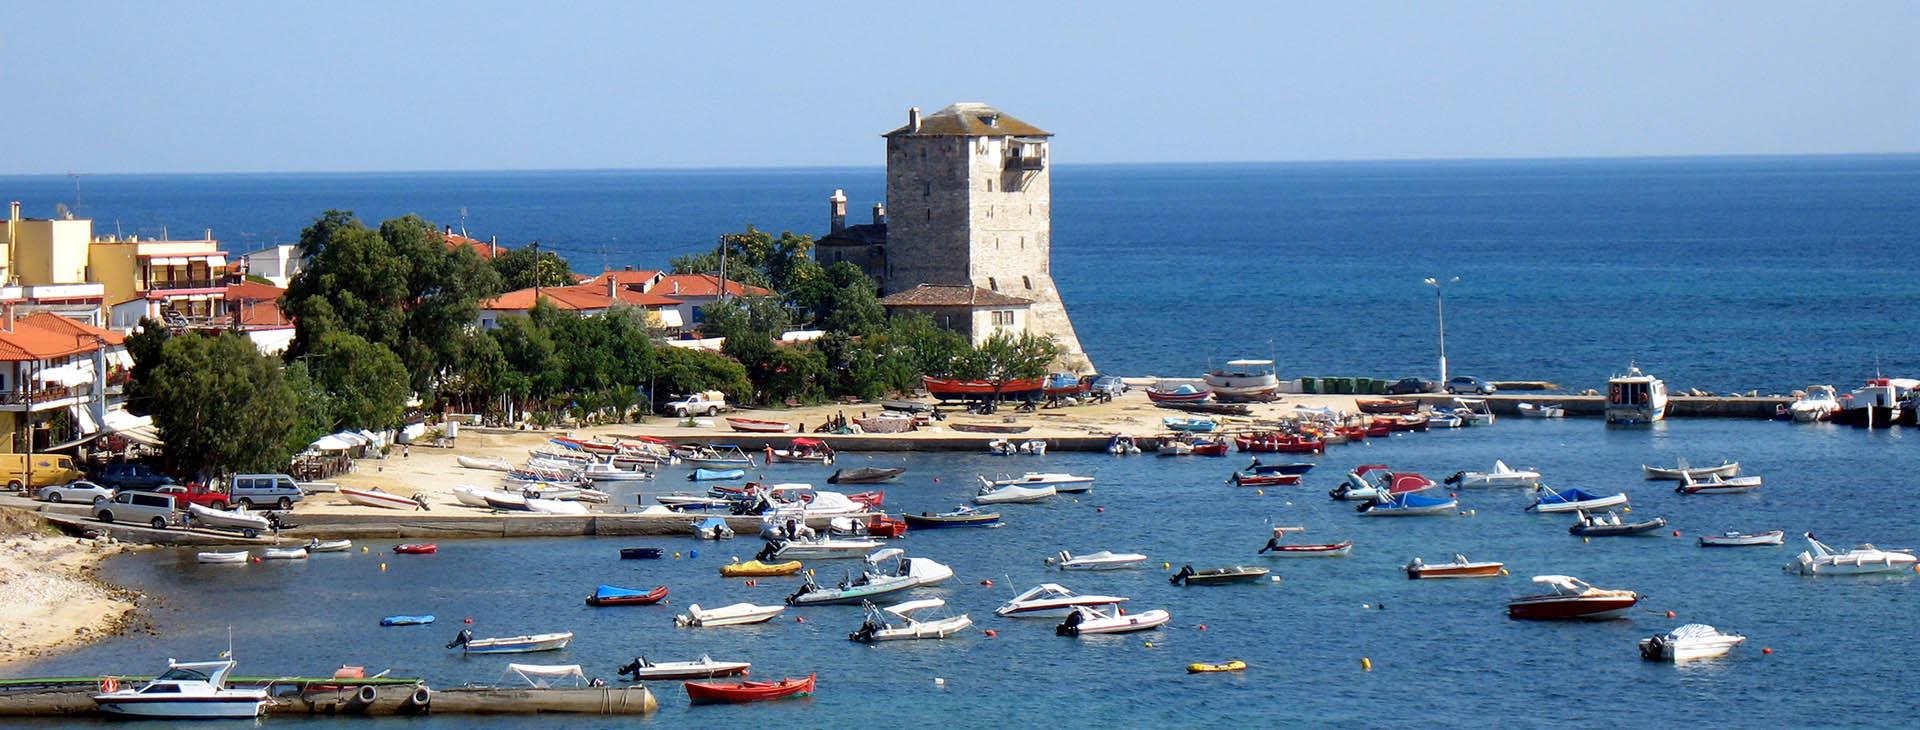 The Tower of Ouranoupolis, Athos, Halkidiki (Chalkidiki)